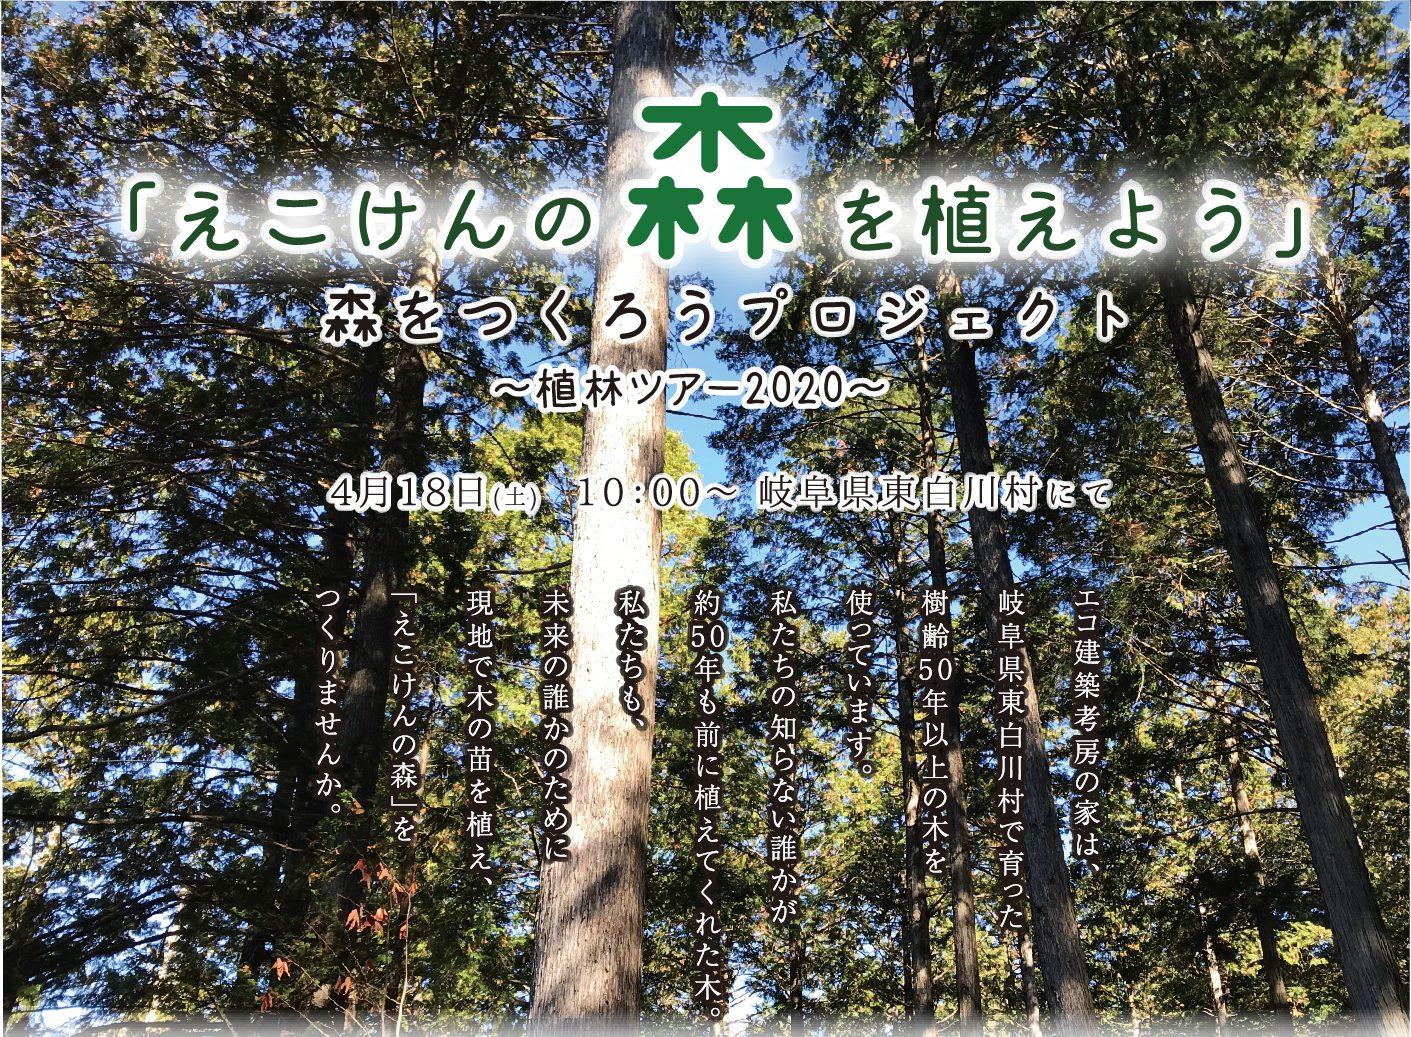 植林ツアー2020-3DM表